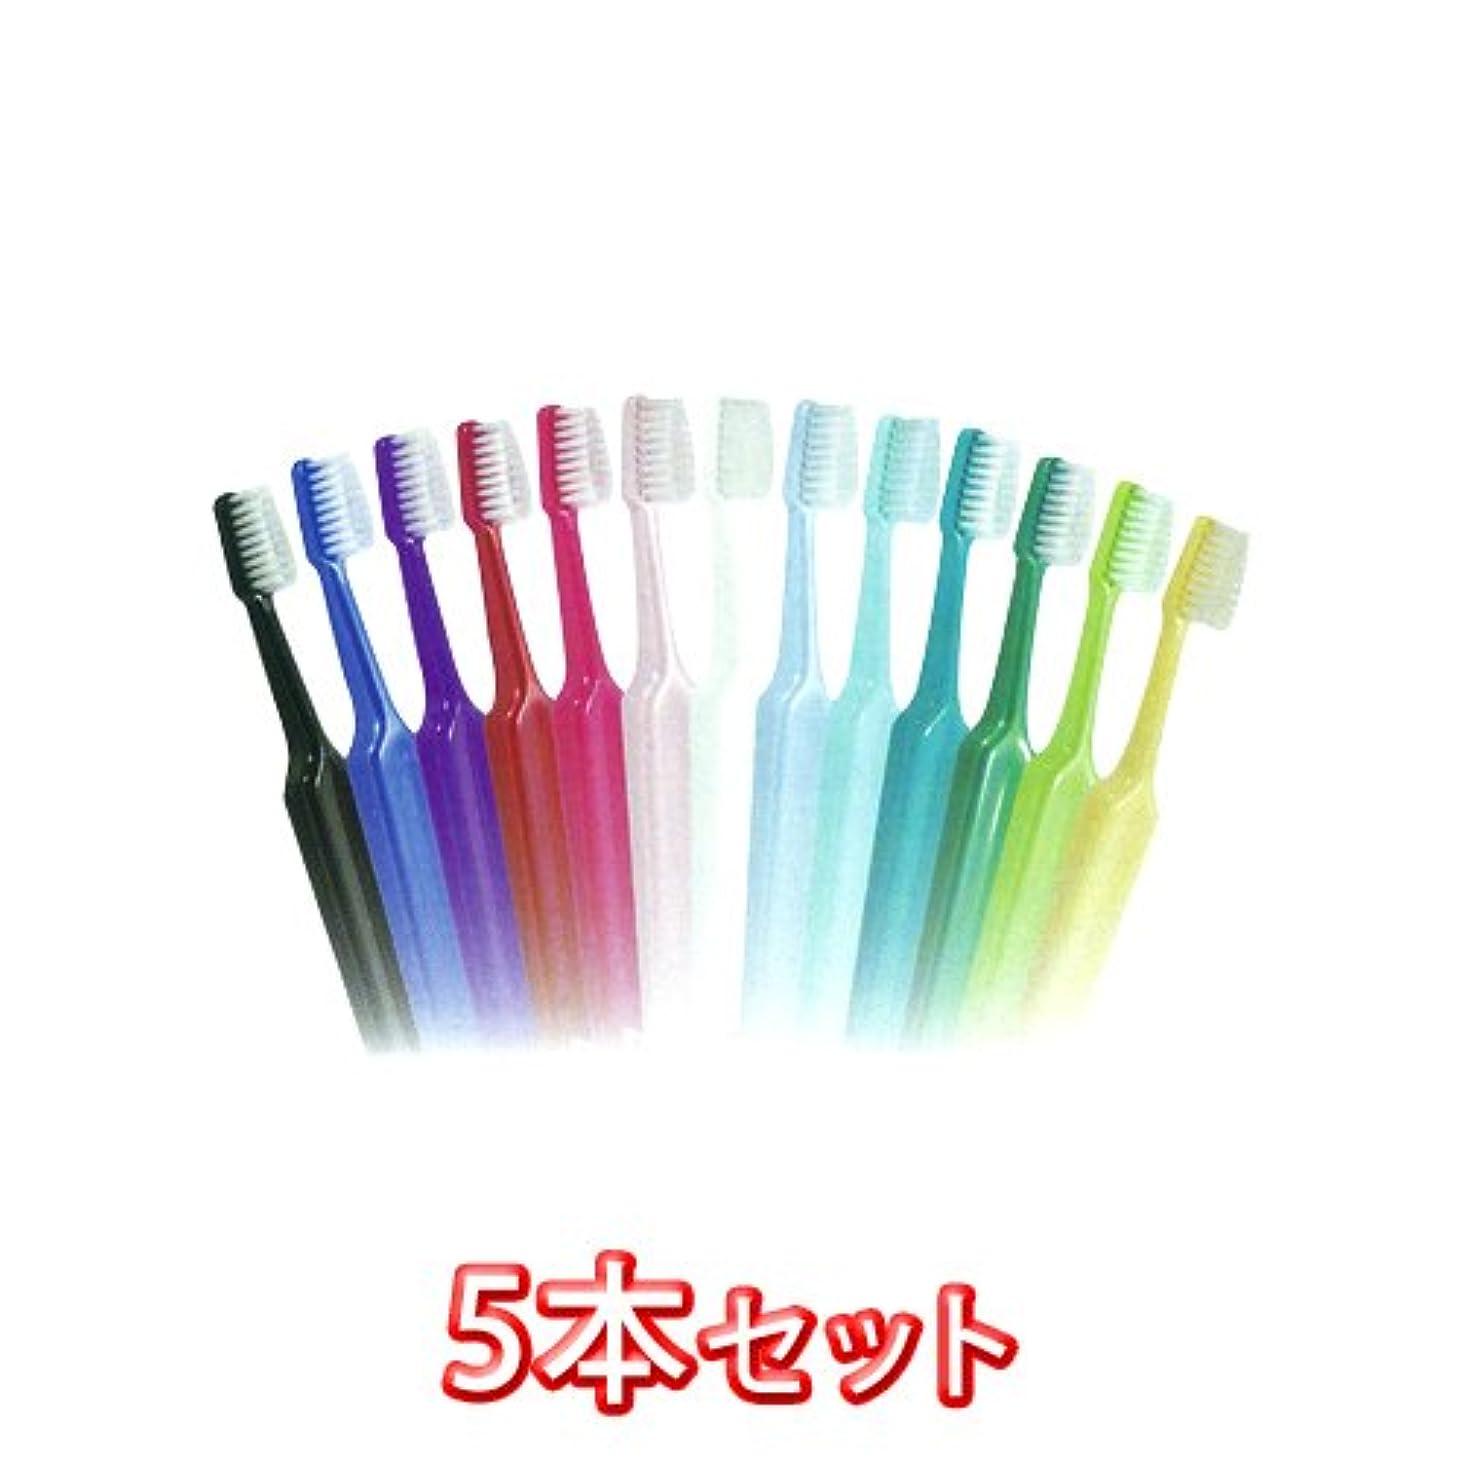 形容詞取り除く制限するクロスフィールド TePe テペ セレクト 歯ブラシ 5本 (エクストラソフト)